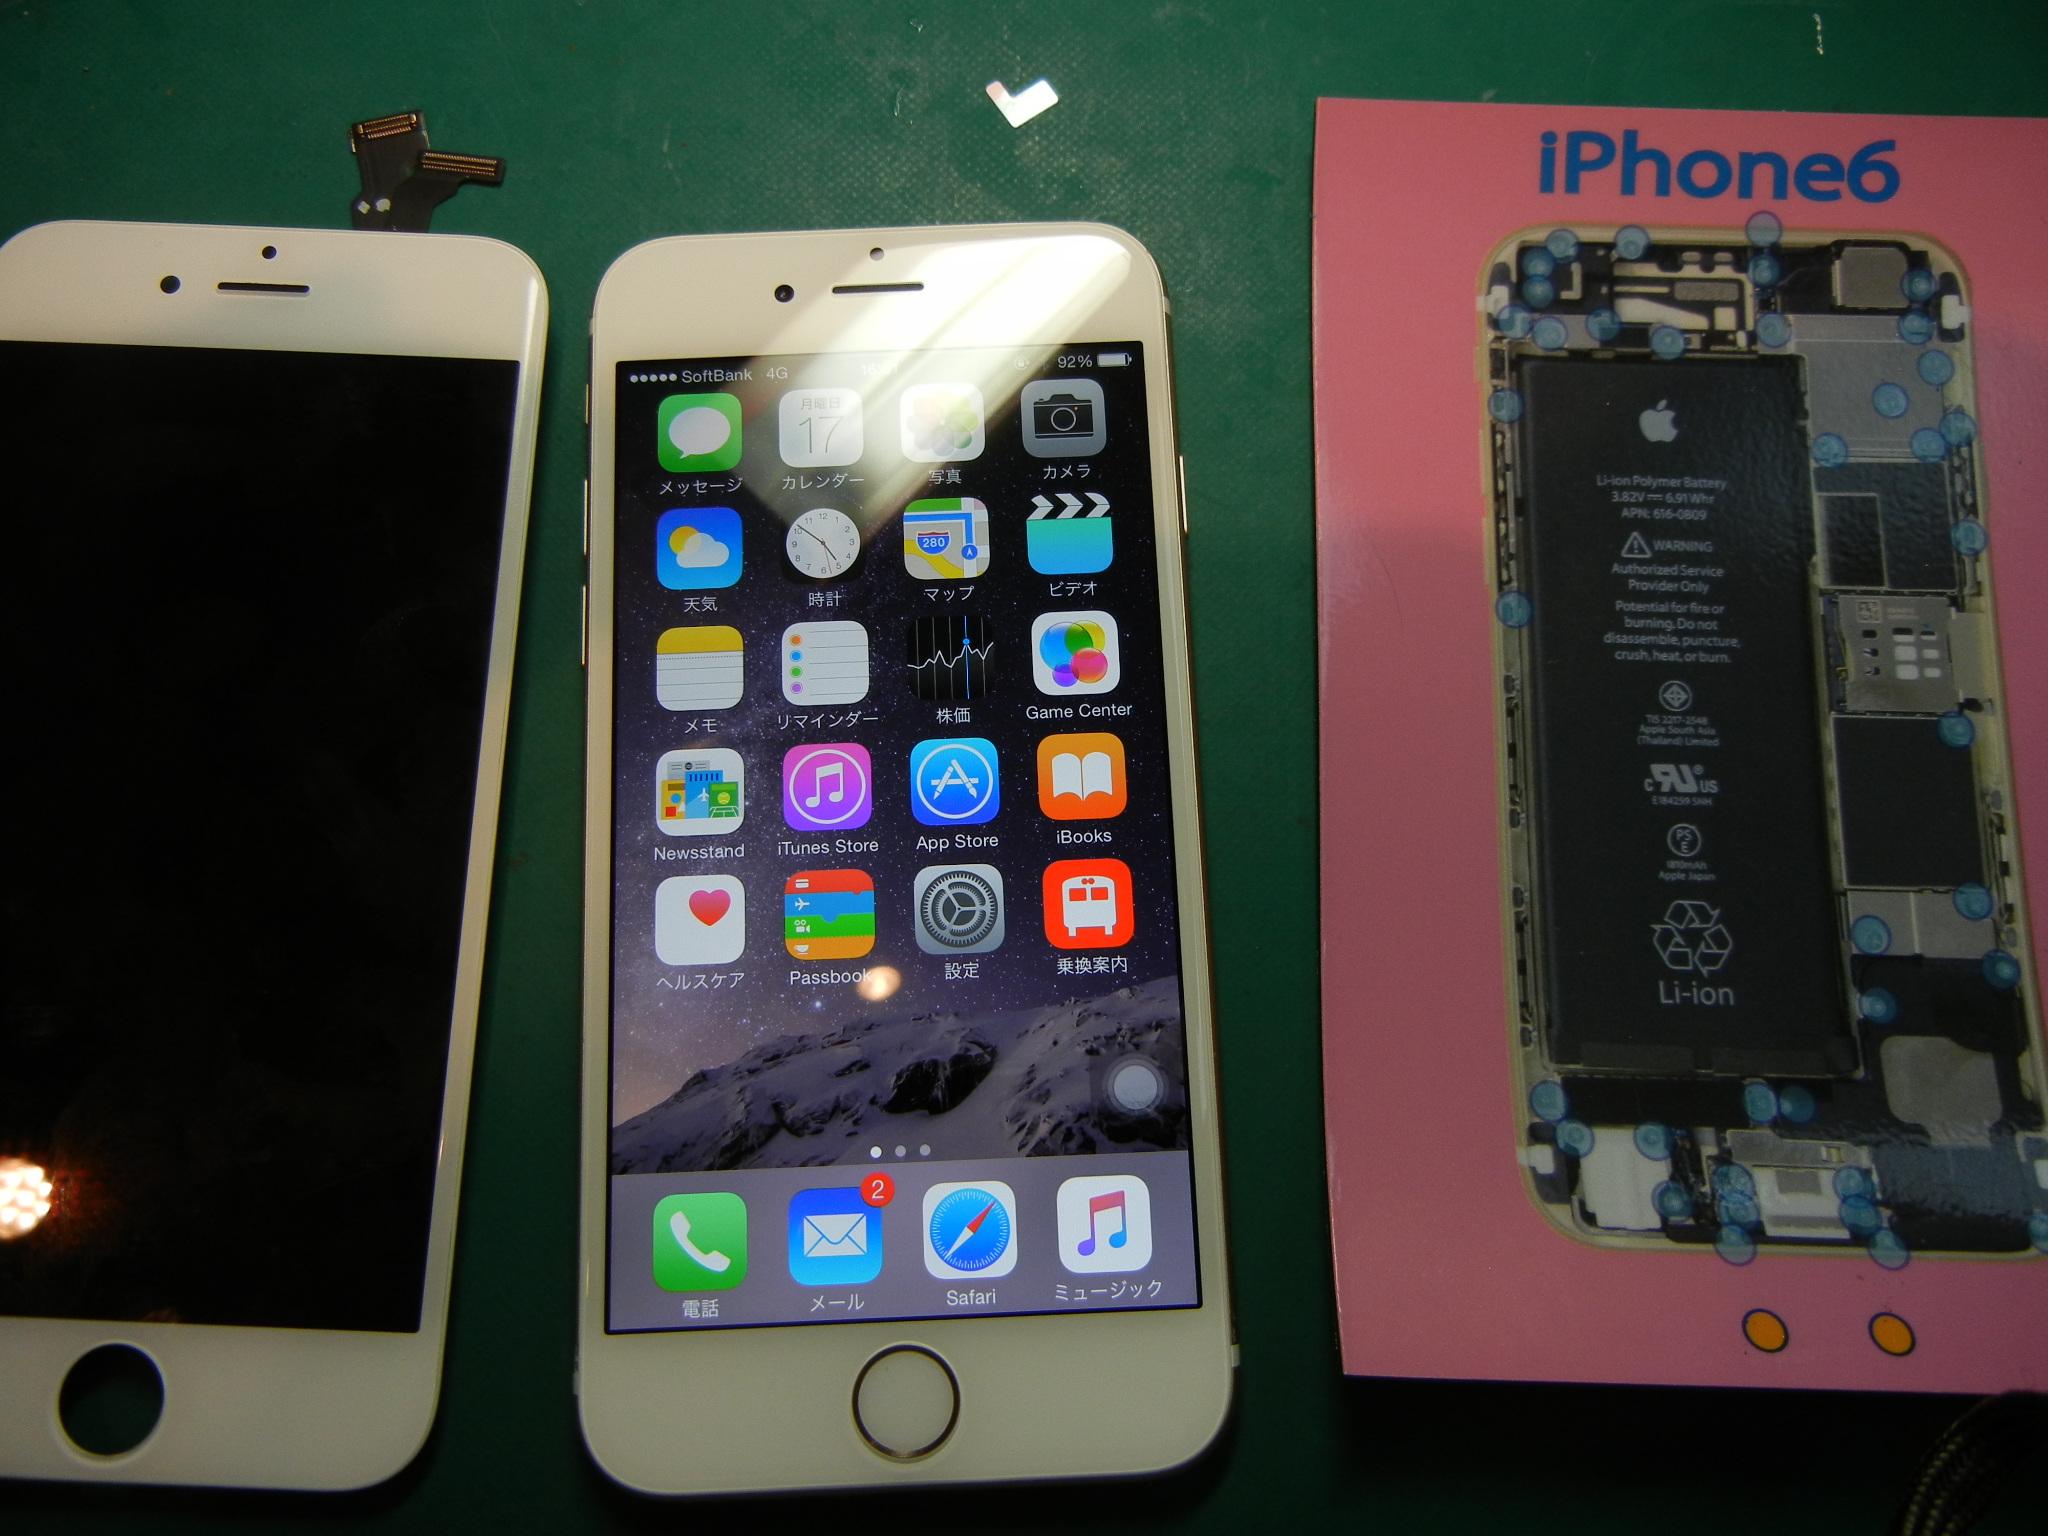 浦和のiPhone6ガラス割れ修理はiFC埼玉戸田店1129